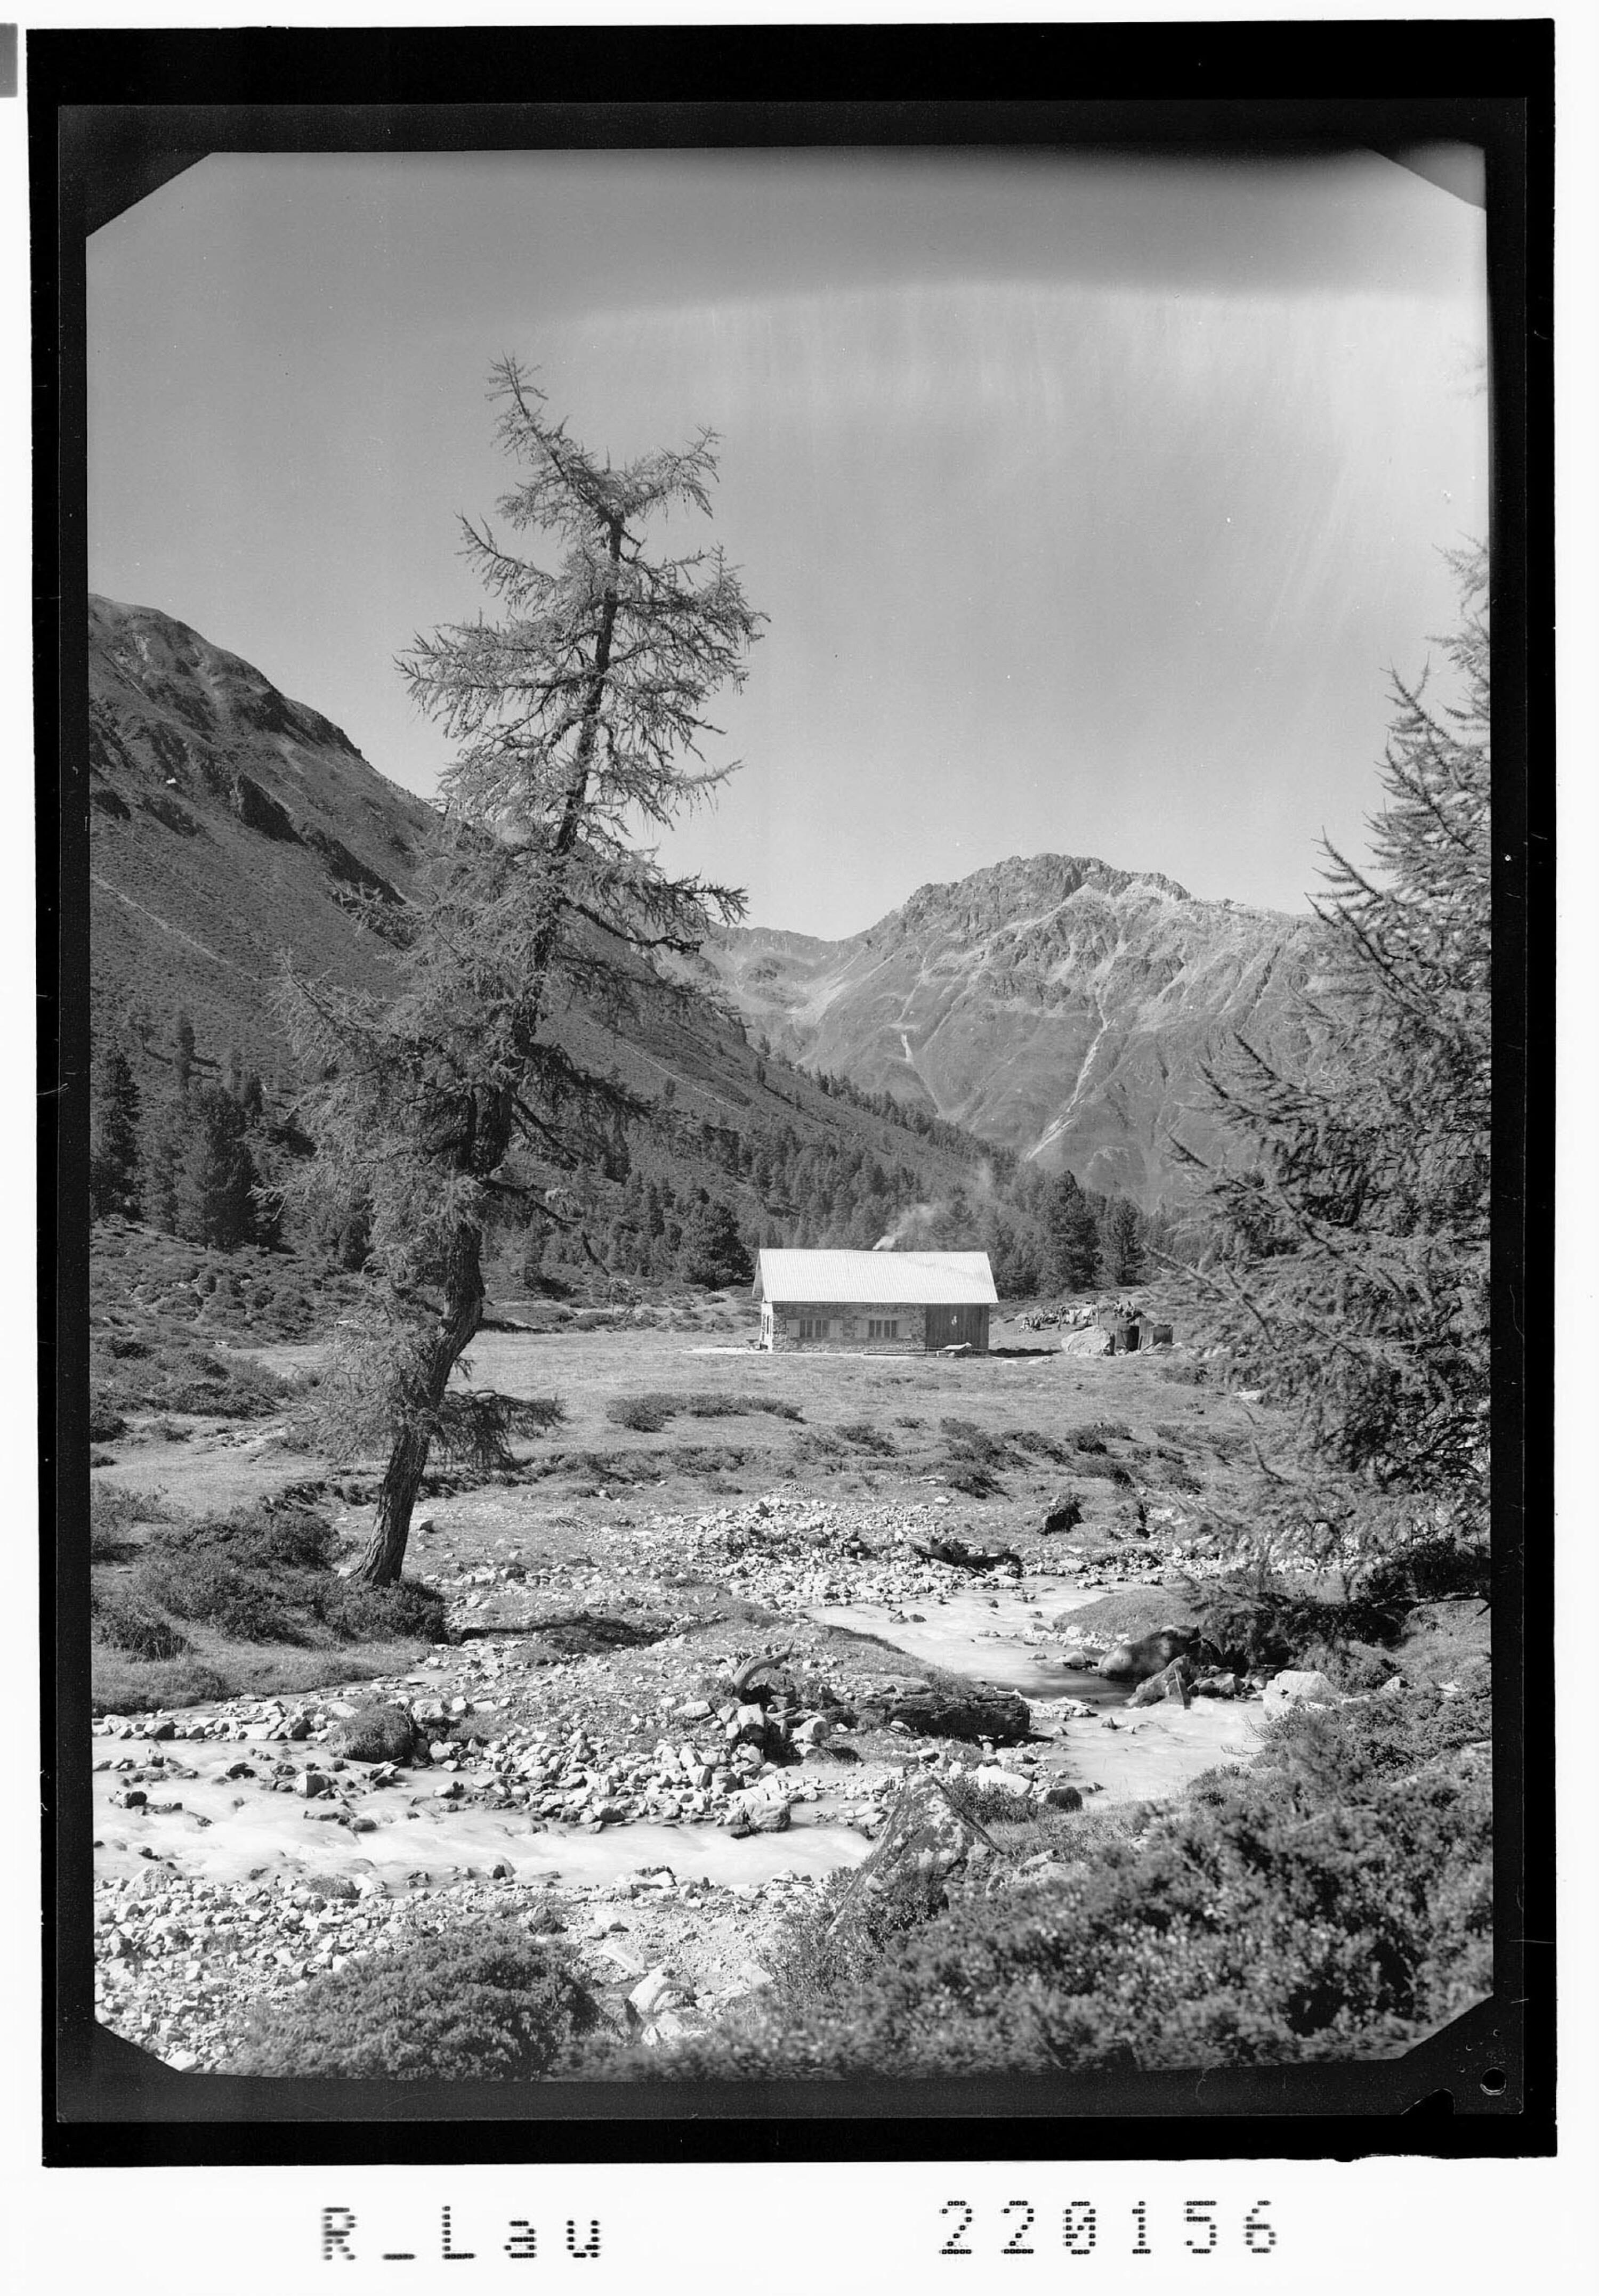 Verpeilhütte 2000 m von Risch-Lau